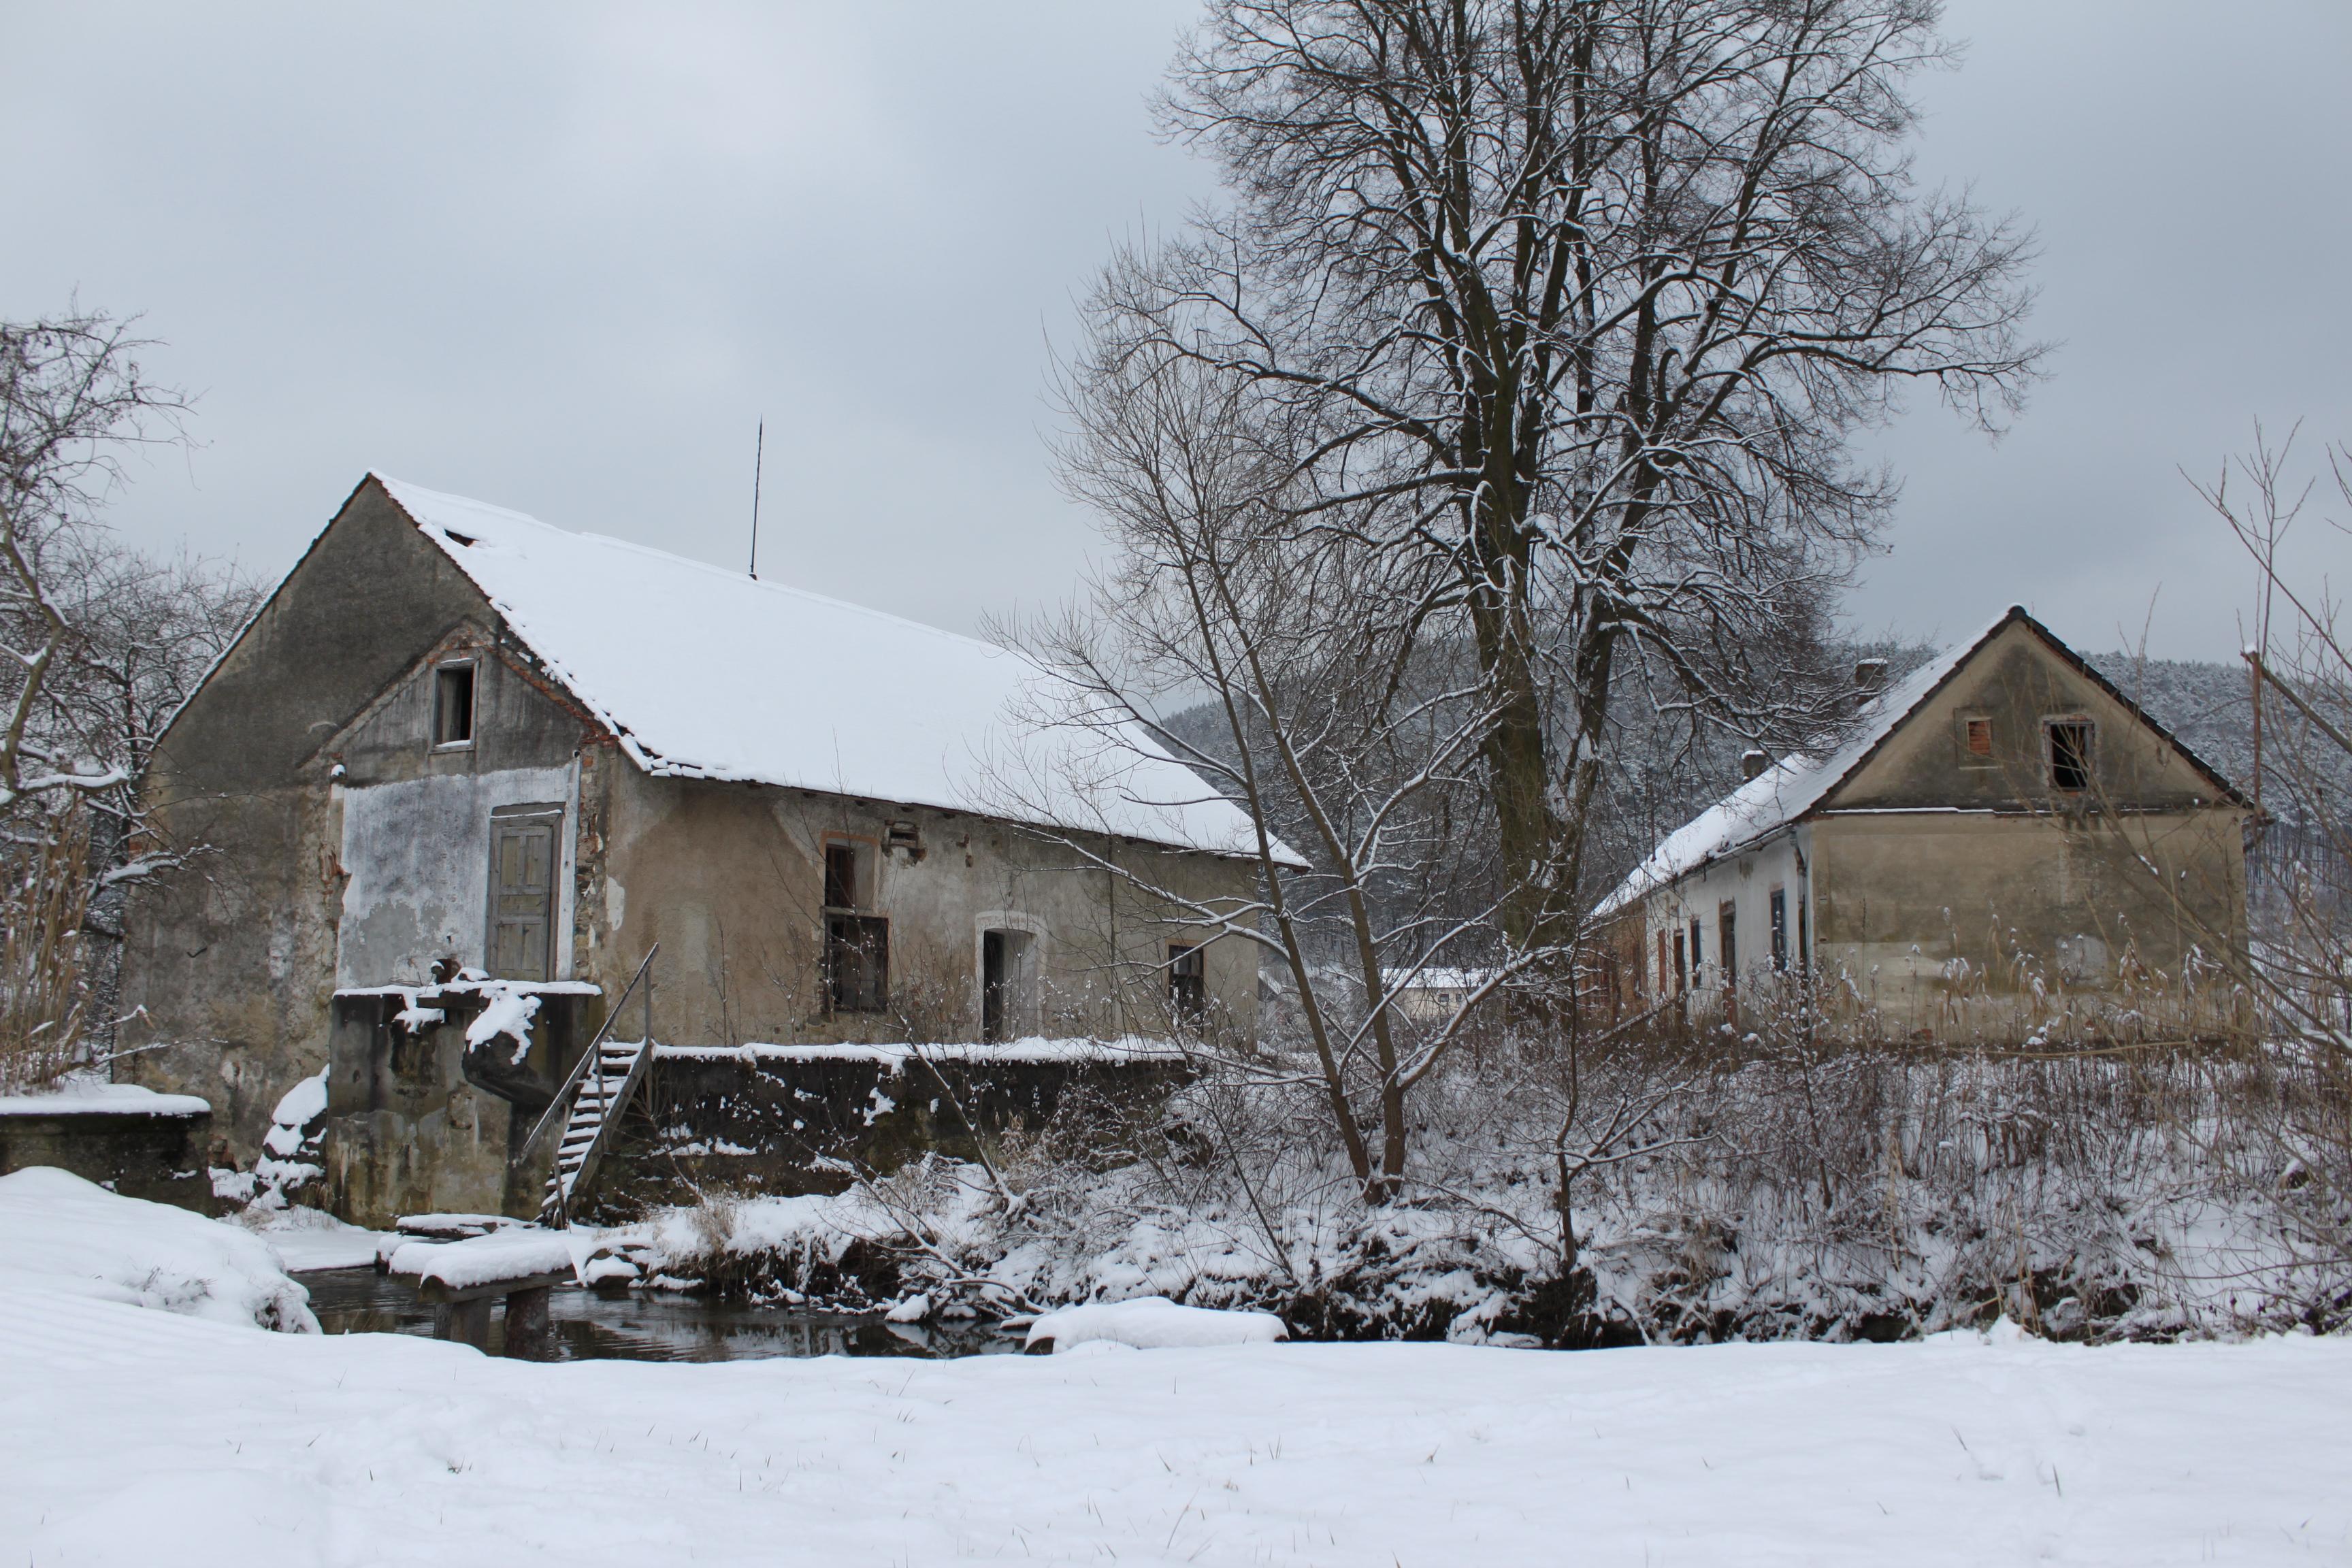 2010-01-06_alte-muehle-im-schnee_02-jpg